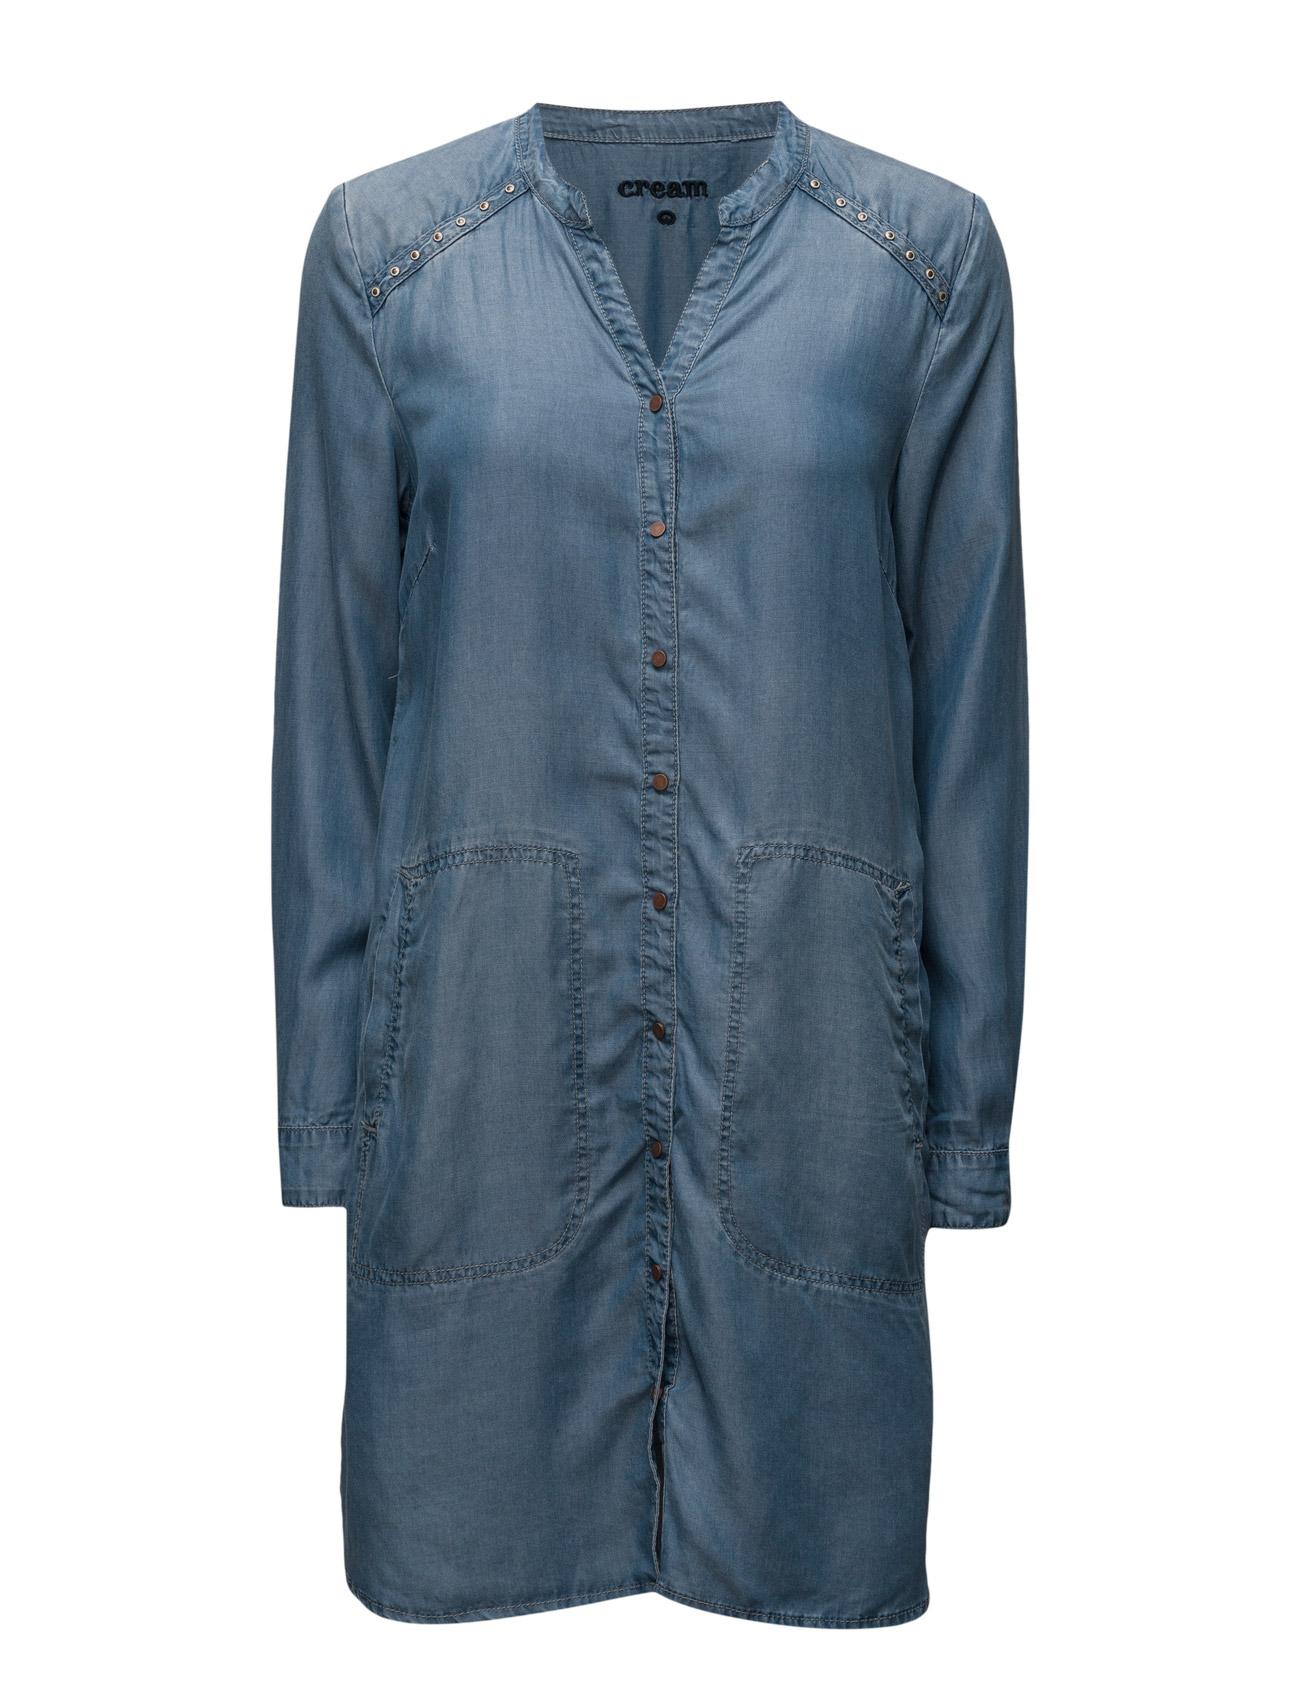 Gilly Shirt Dress Cream Kjoler til Kvinder i Lyseblå Denim